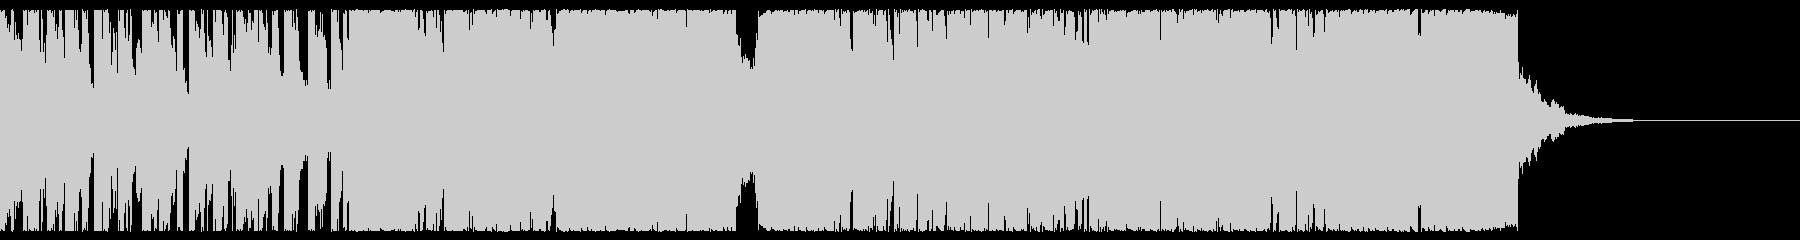 アップテンポのノリの良い曲ですの未再生の波形